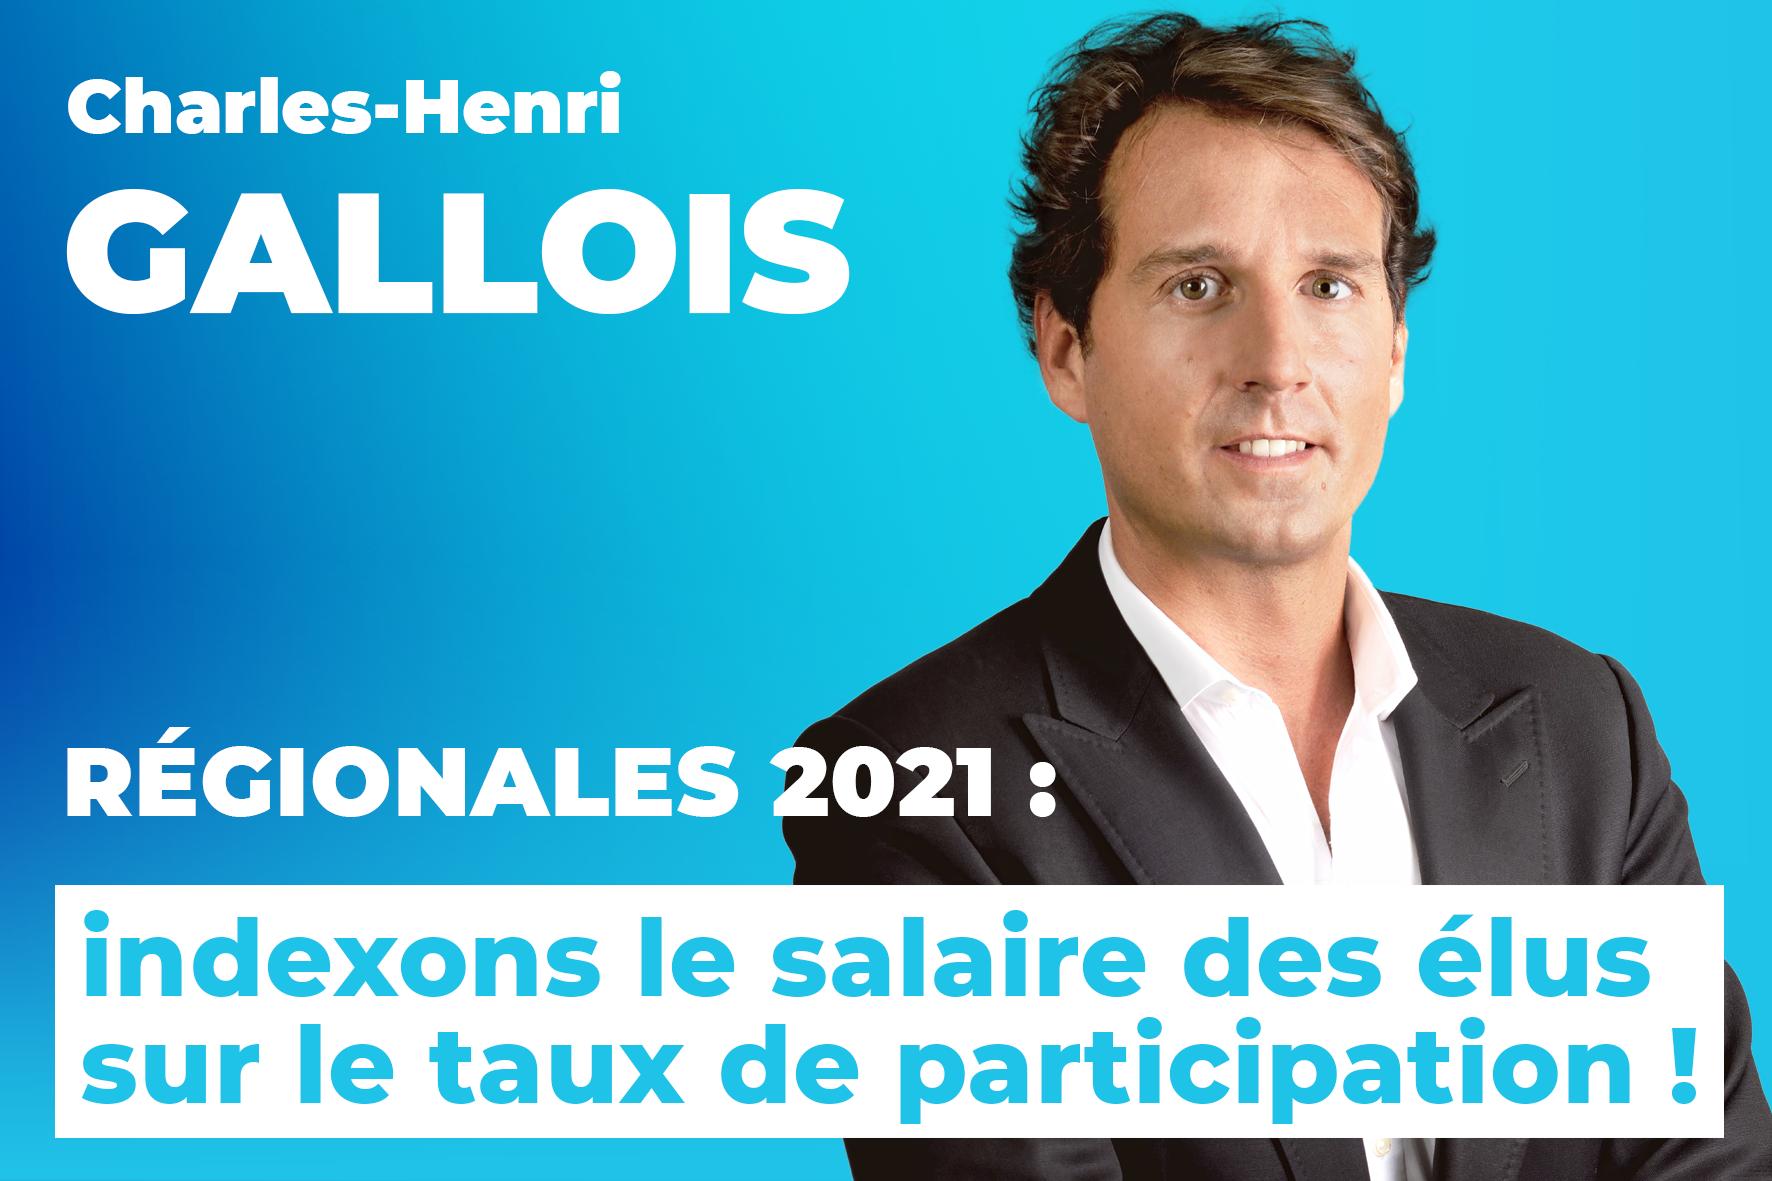 élections régionales, 2021, Charles-Henri Gallois, abstention, salaires élus, Génération Frexit